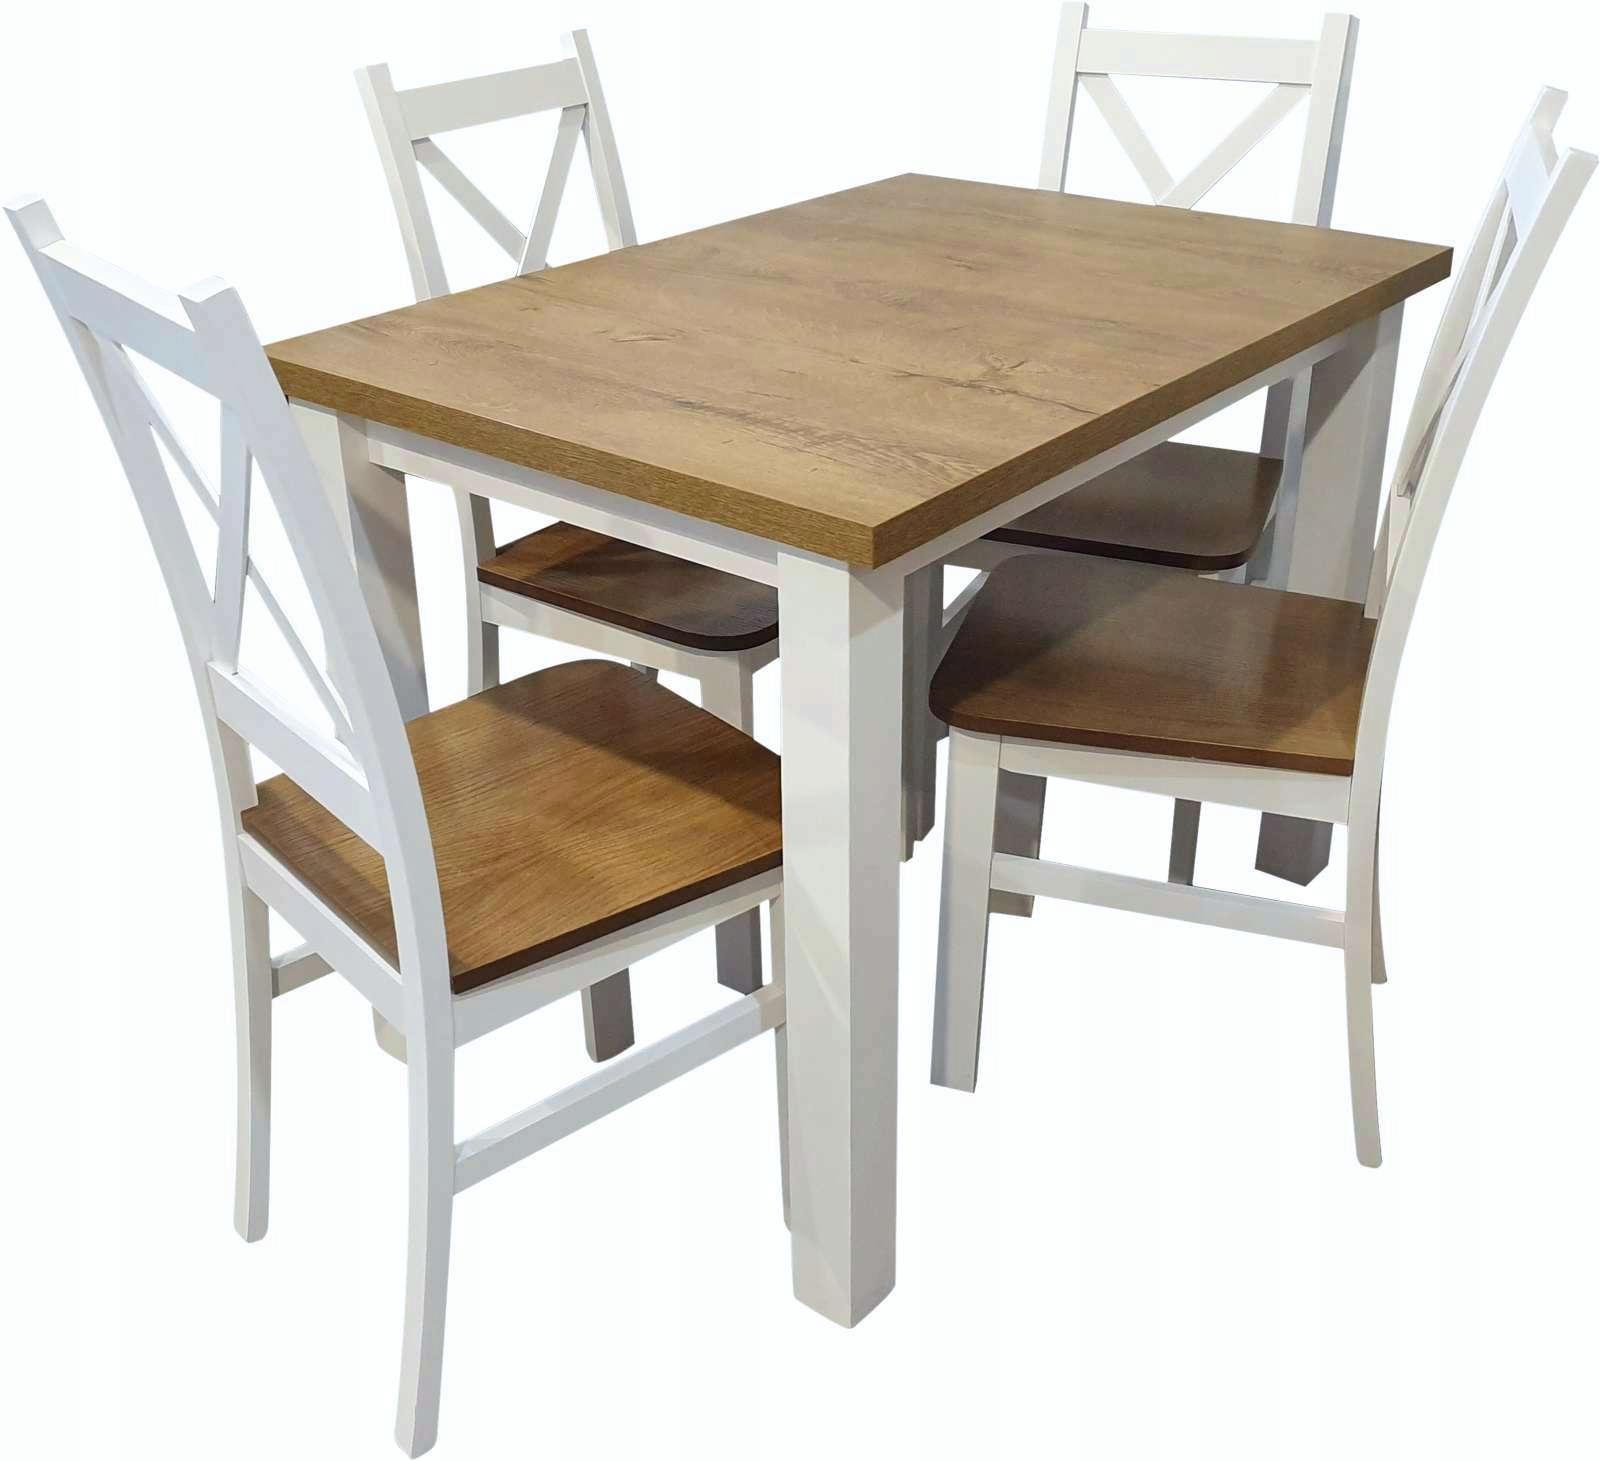 Stół z krzesłami biały dąb komplet 4 krzesła Z055